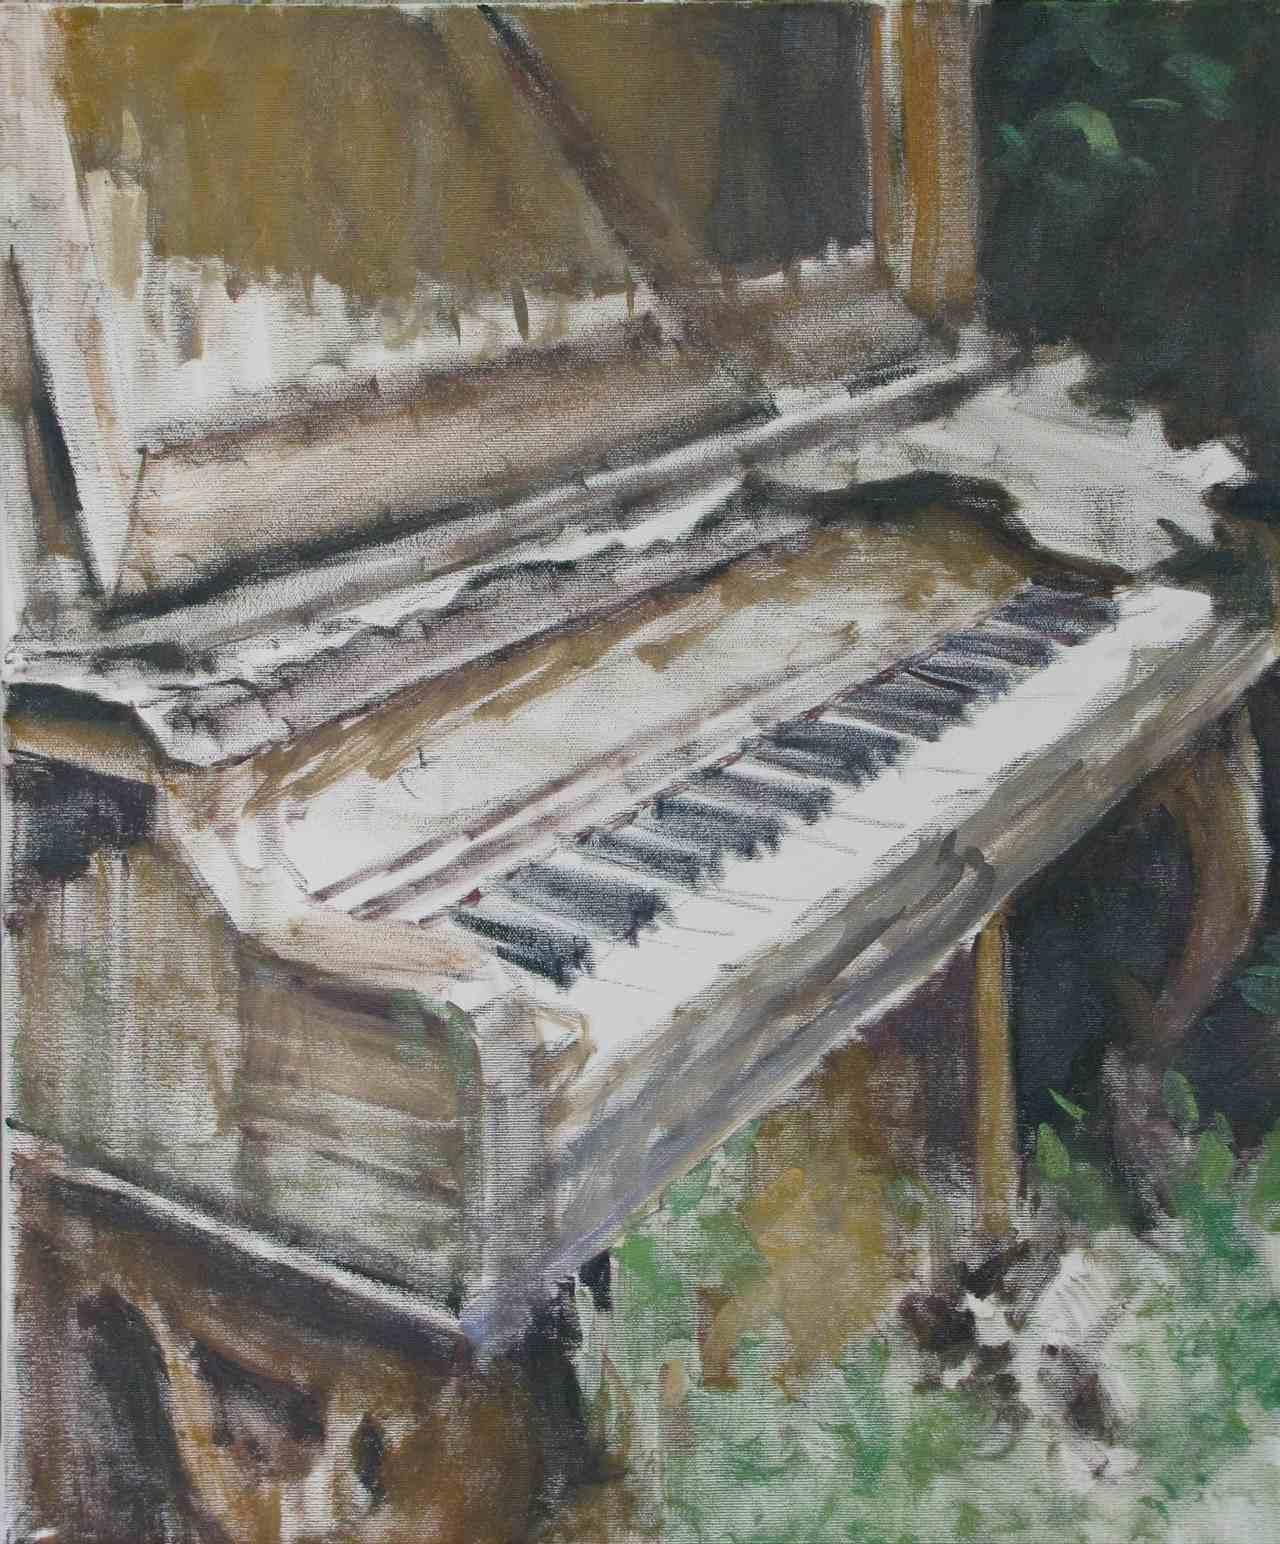 Piano vecchio, 2010, cm 50x60